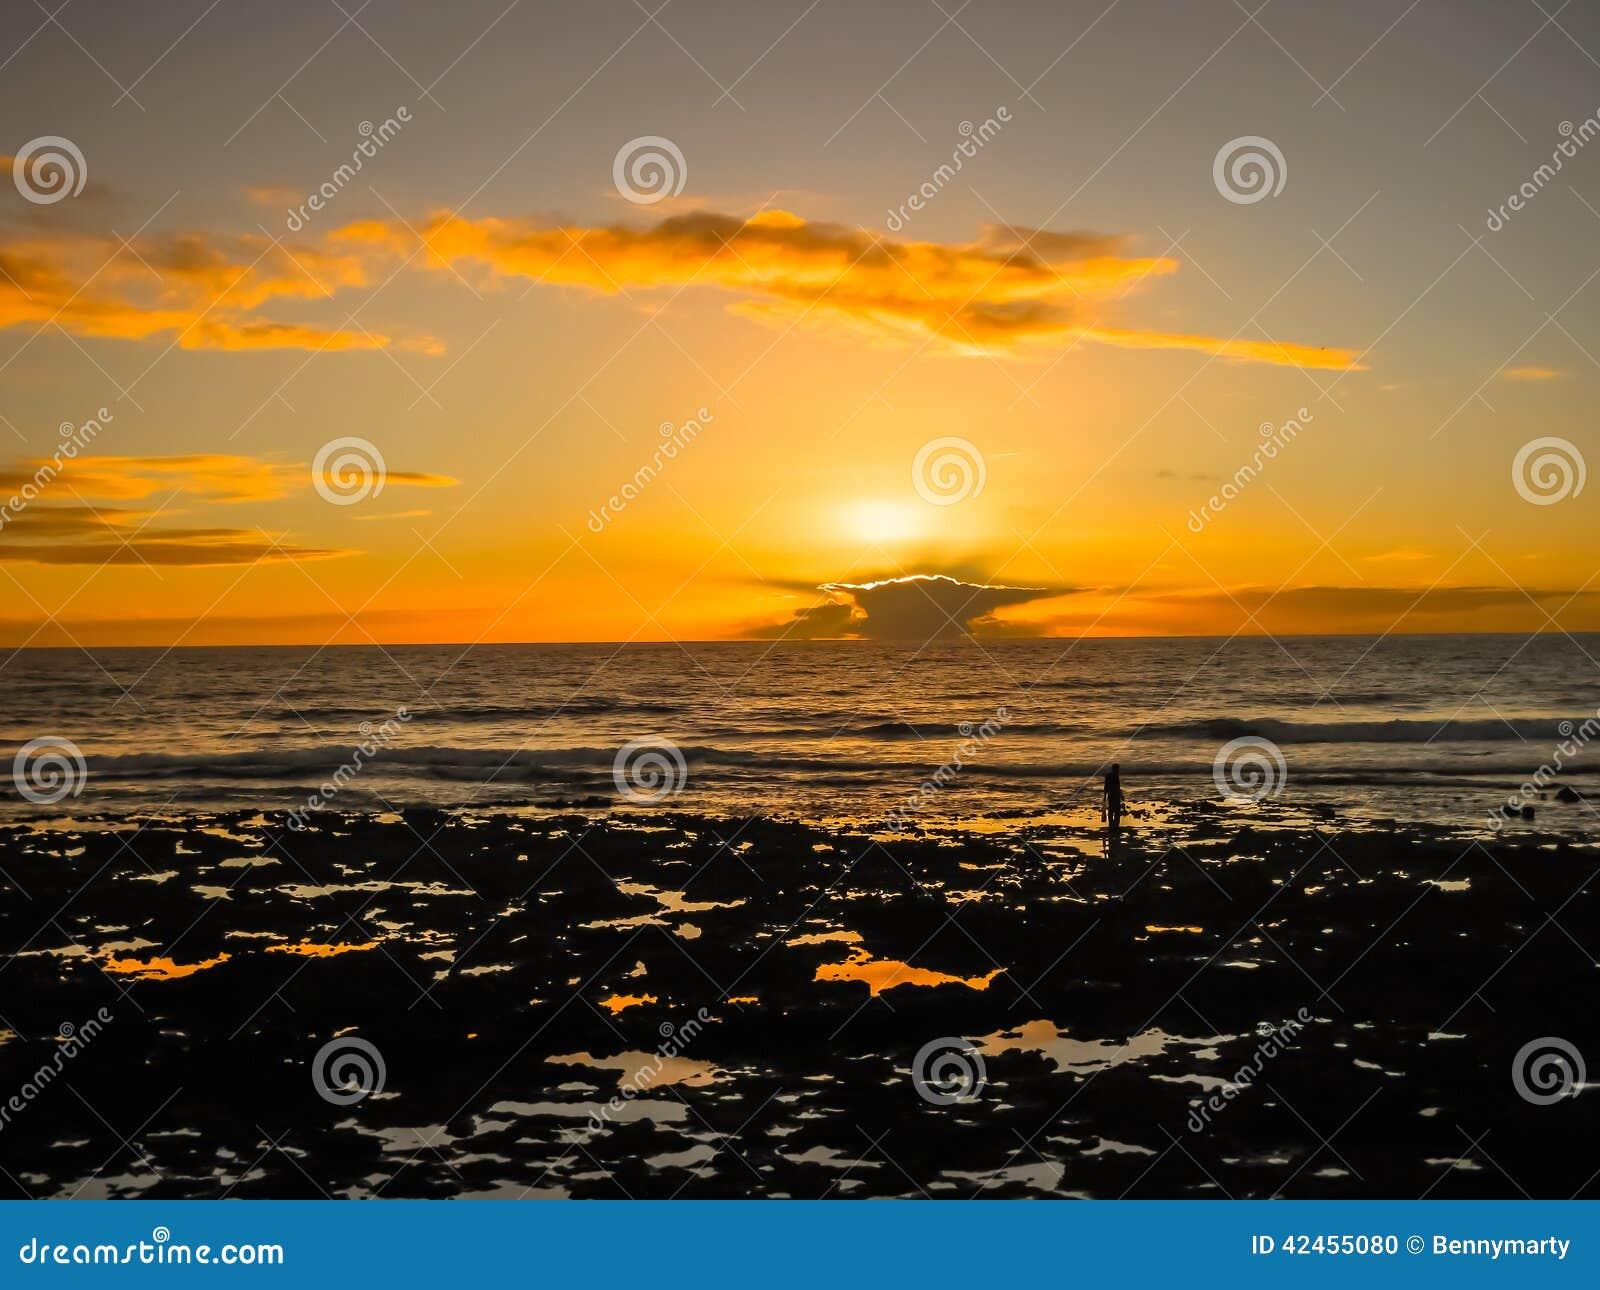 Bunter Sonnenuntergang mit Wolken durch den Ozean